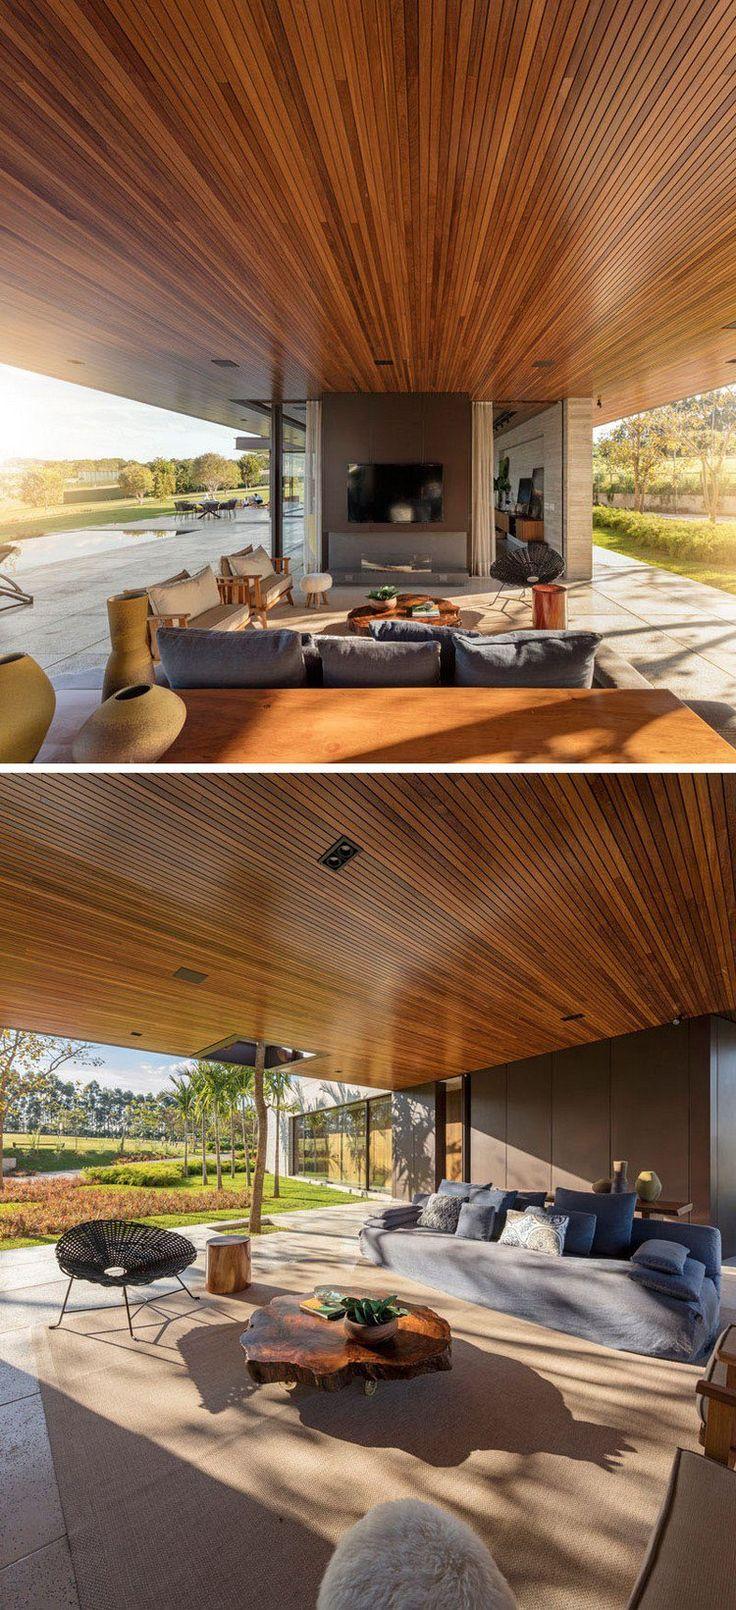 plafond bois et sol en pierre, meubles design et table en bois fossilisé - maison design